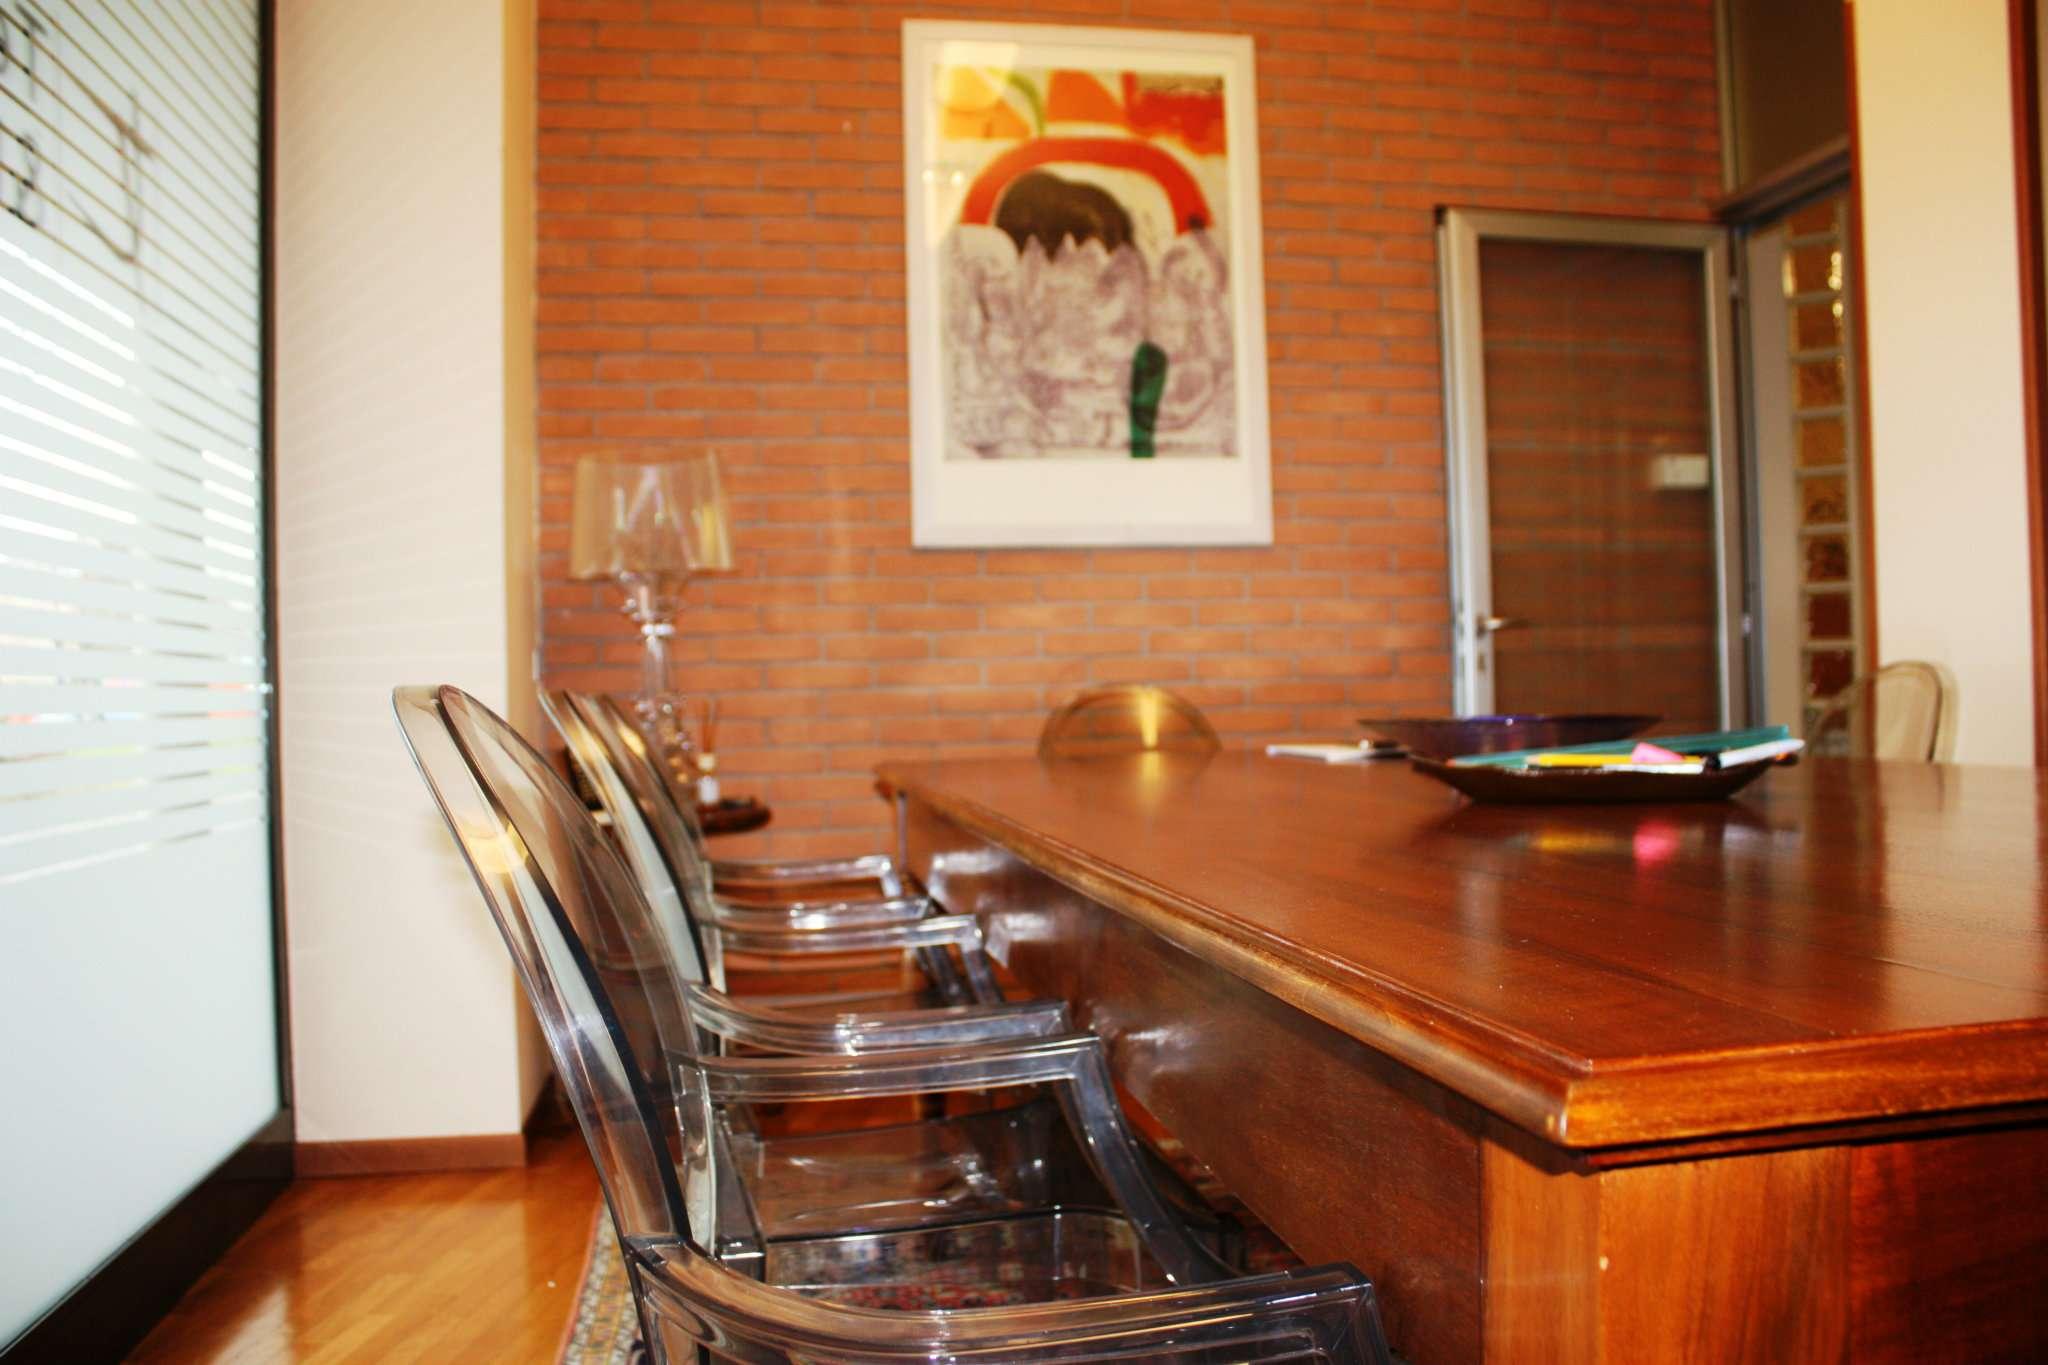 Ufficio / Studio in vendita a Cinisello Balsamo, 4 locali, prezzo € 180.000 | CambioCasa.it